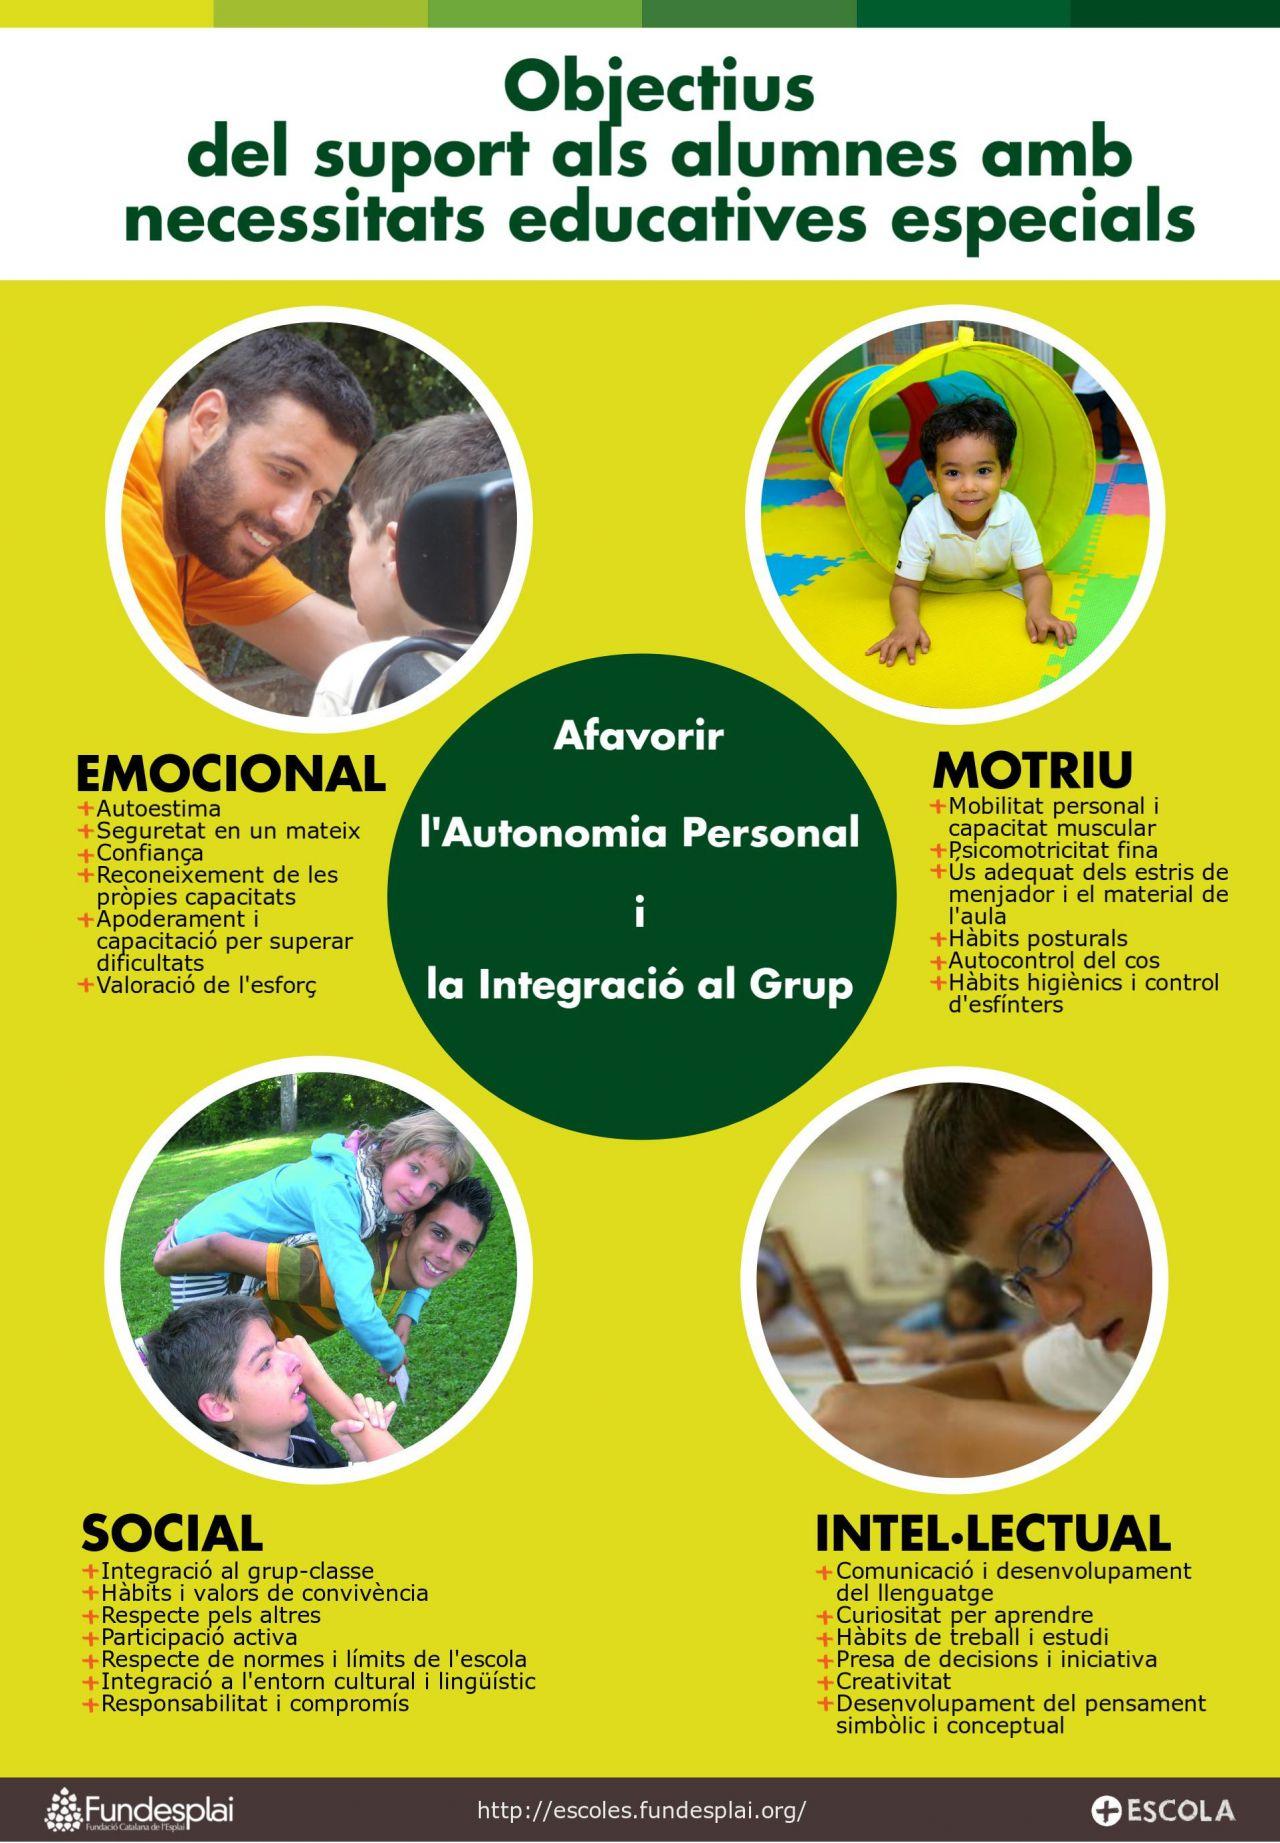 objectius educatius del suport als alumnes amb necessitats educatives especials